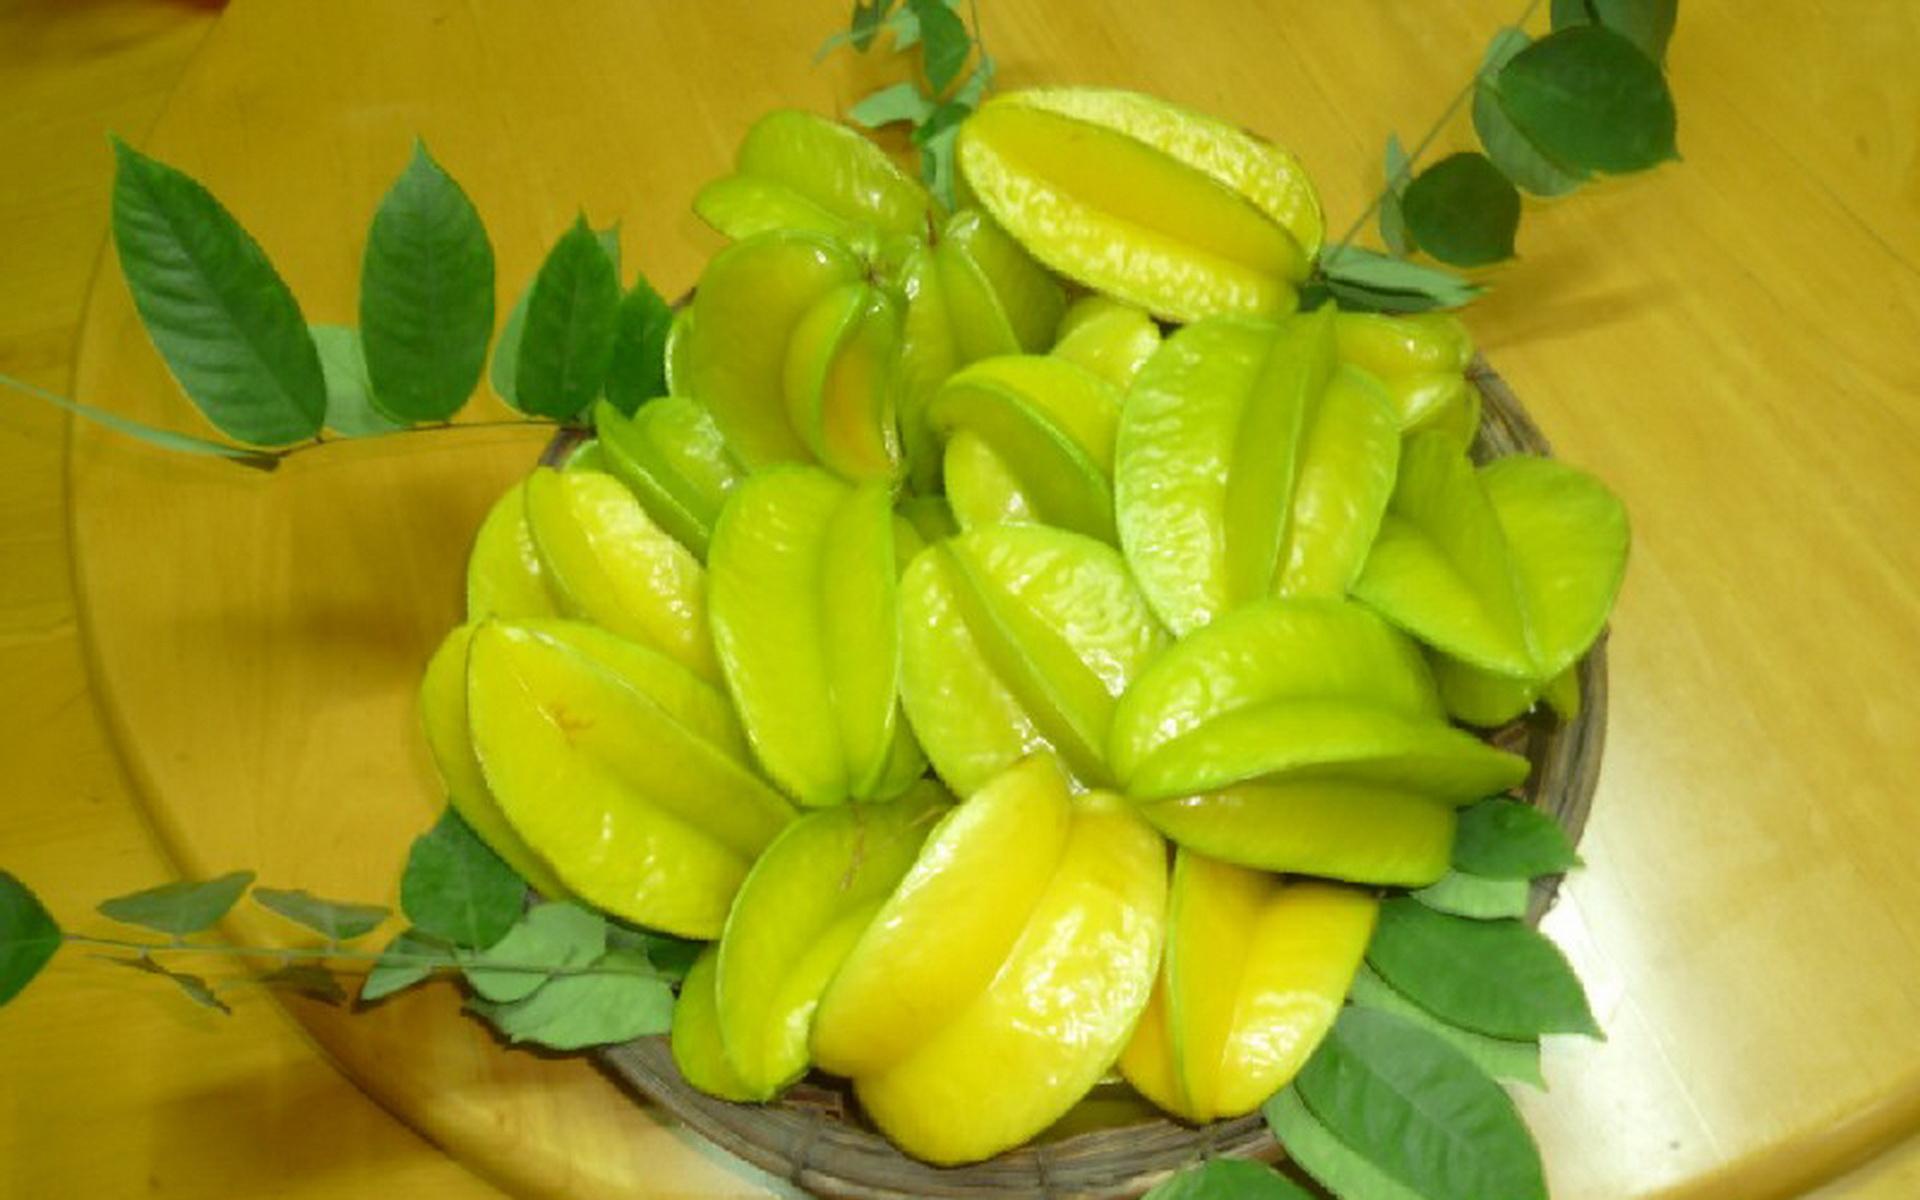 茶树是被子植物,常见的有黄山种、铁观音、黄金桂、福建水仙...